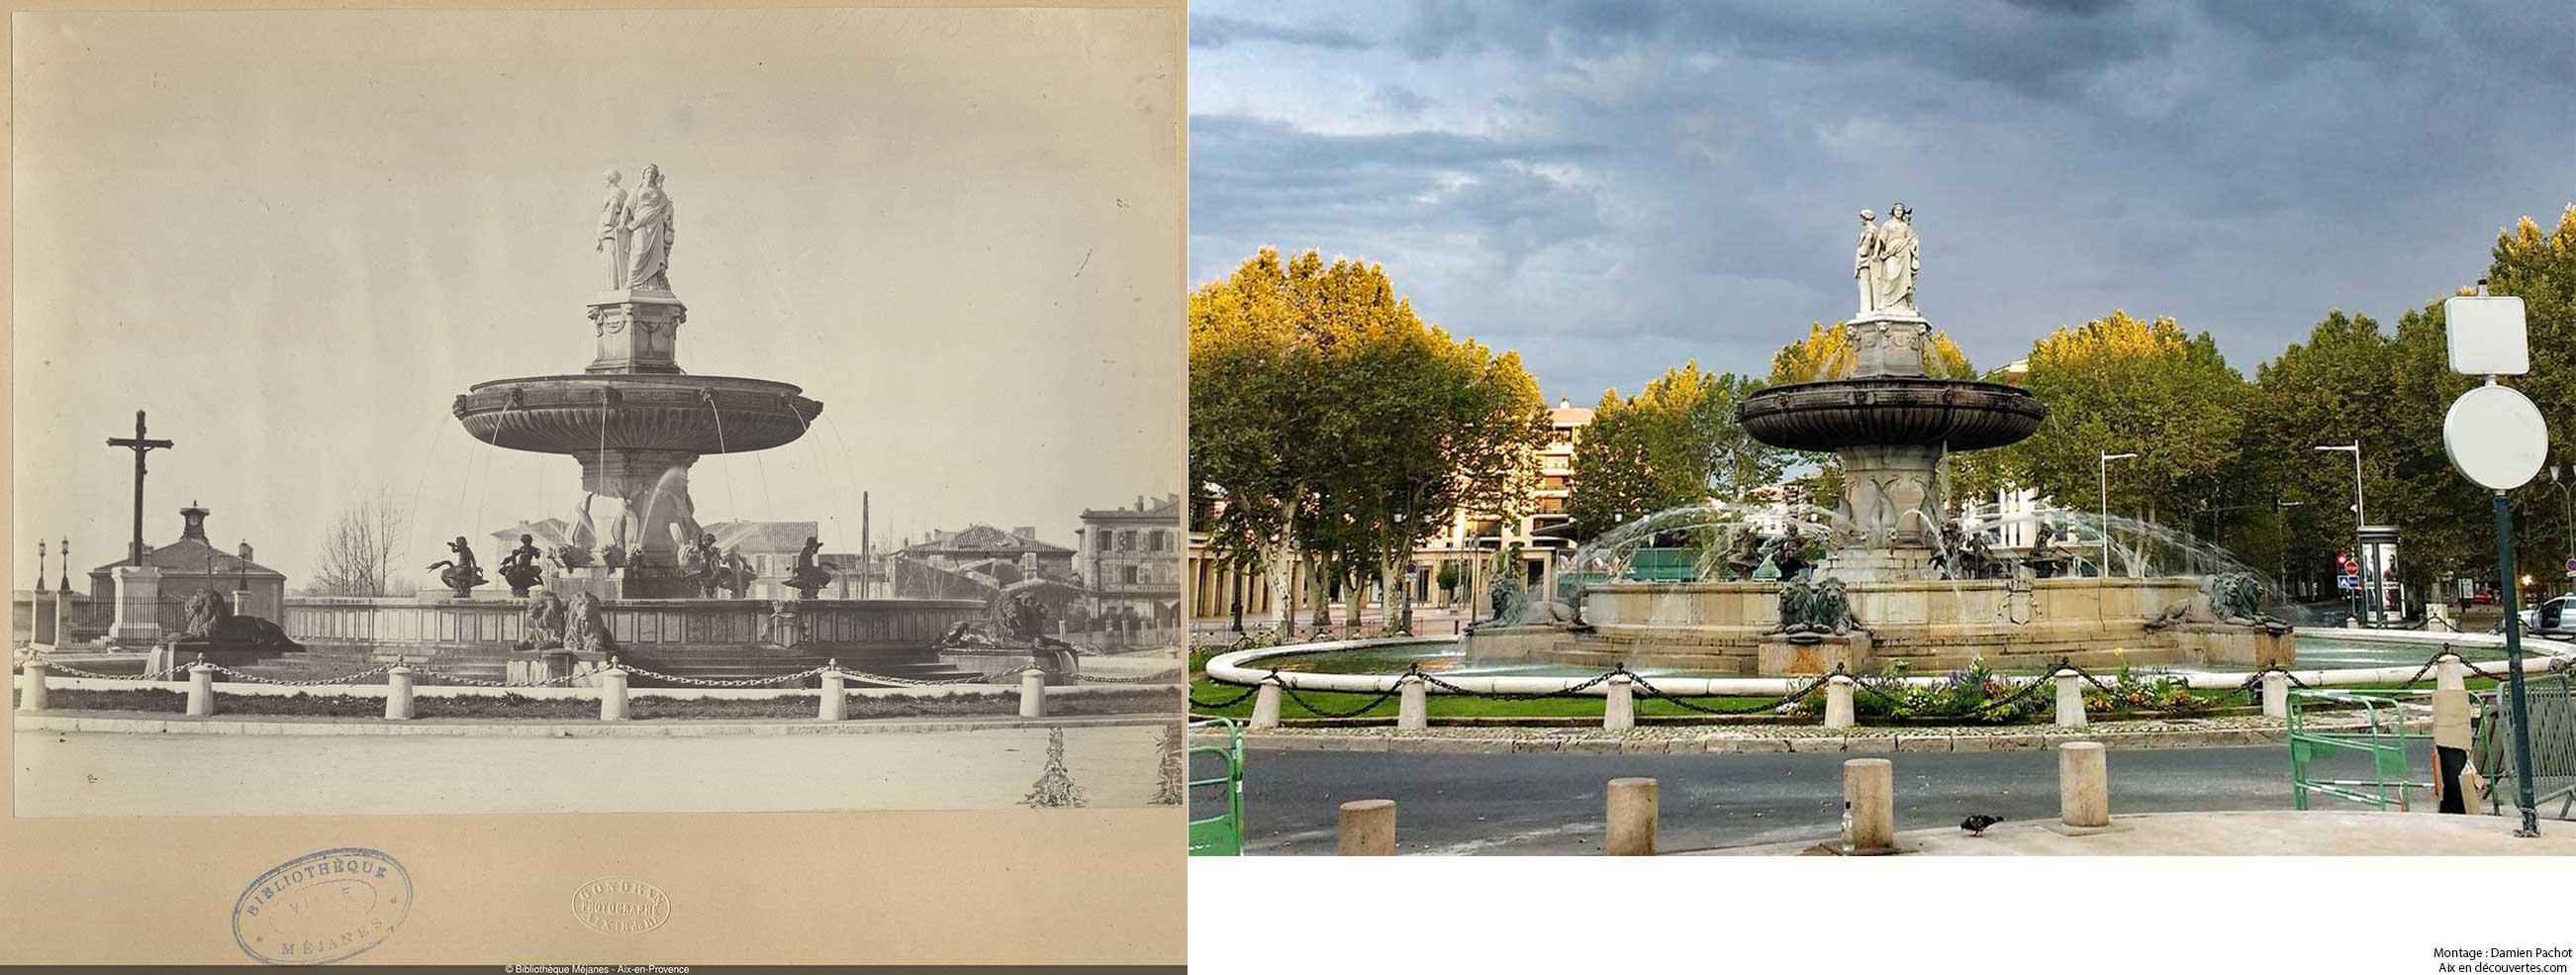 La place de la Rotonde par Gondran et vue de nos jours